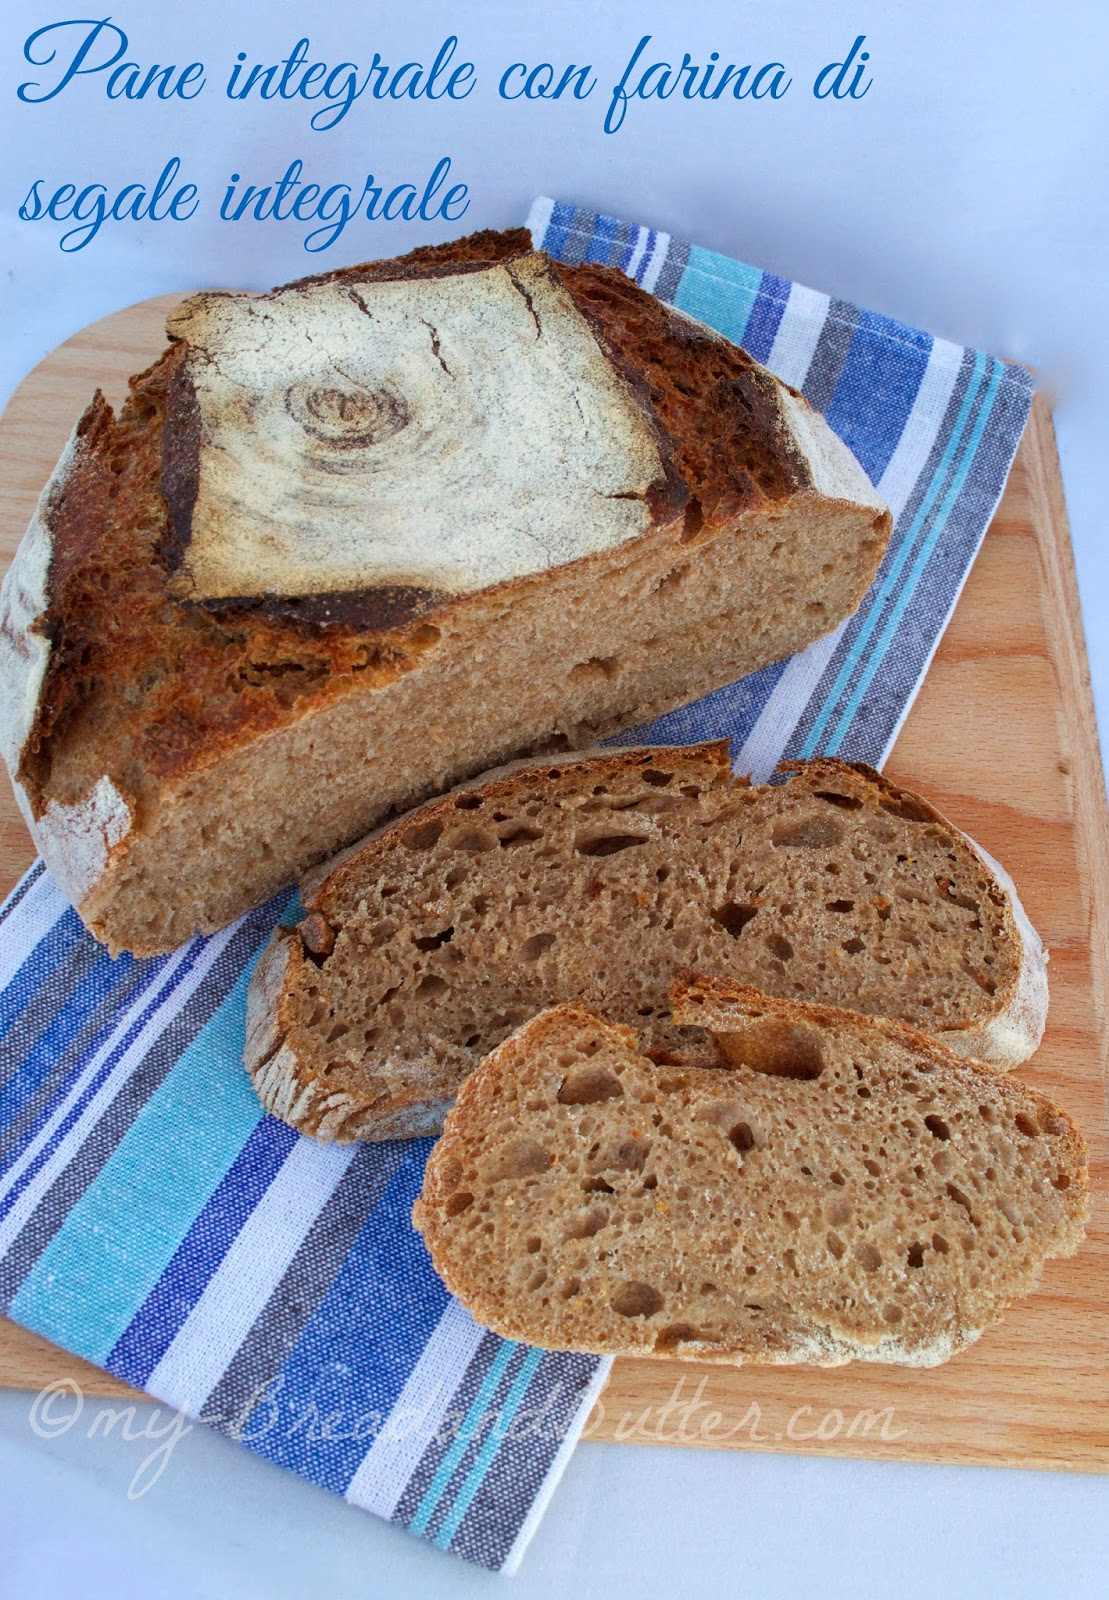 pane di segale integrale a lievitazione naturale